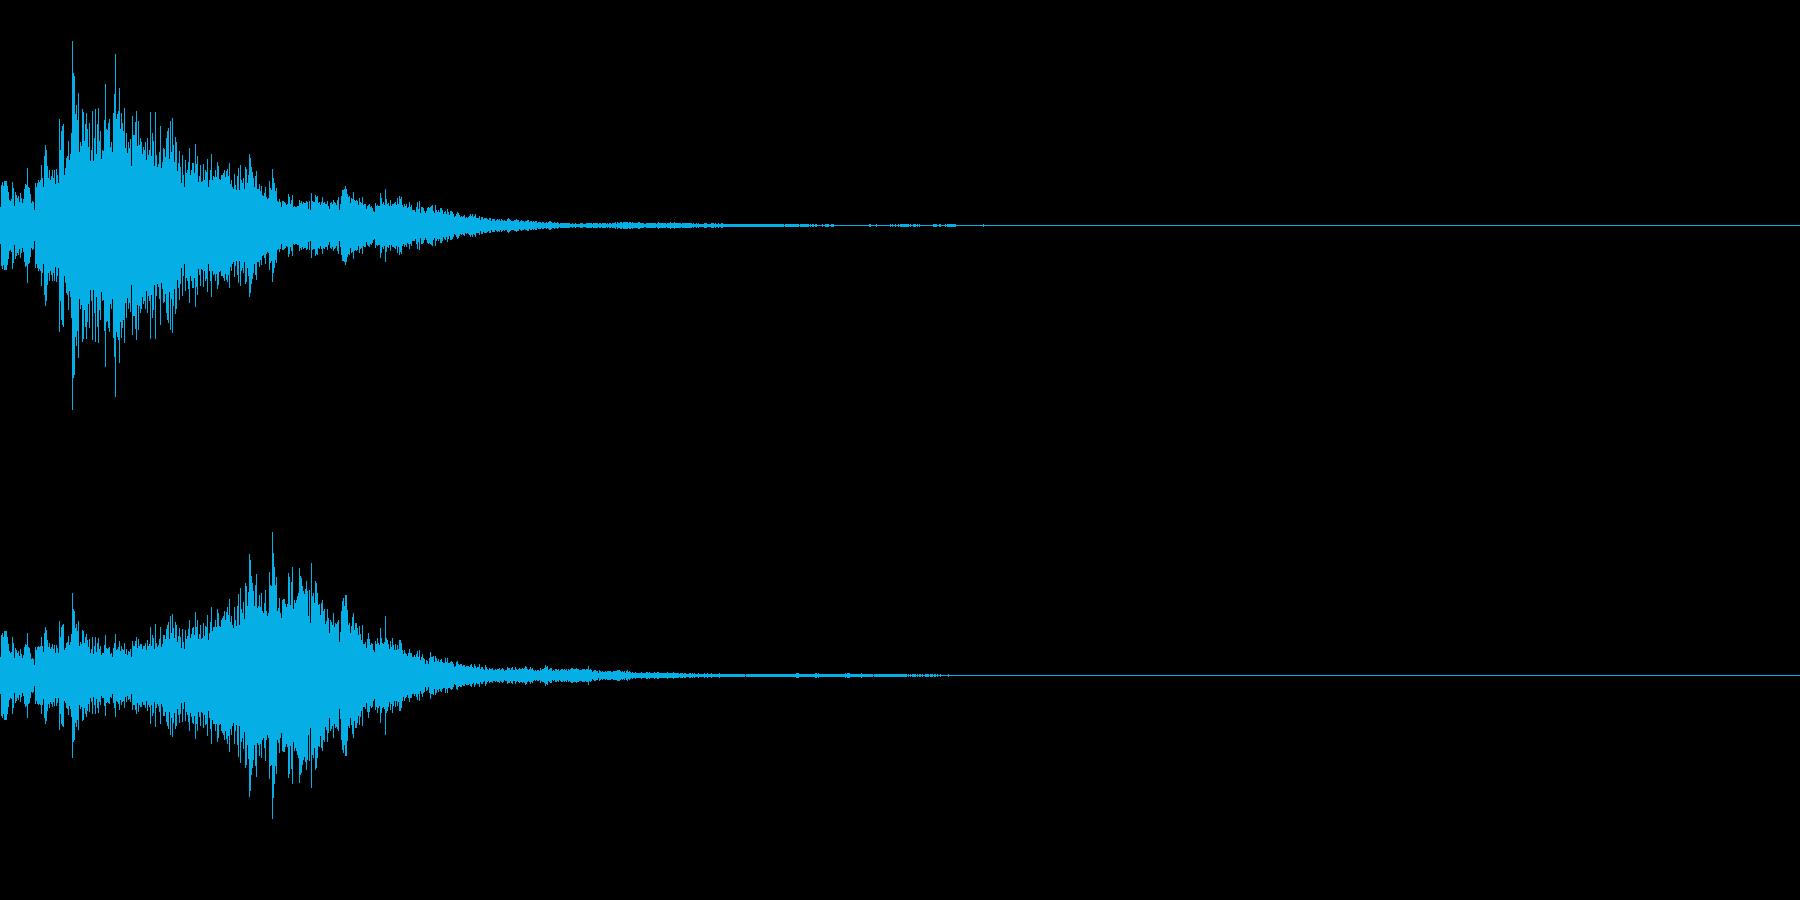 [効果音]キラキラ、着信音の再生済みの波形